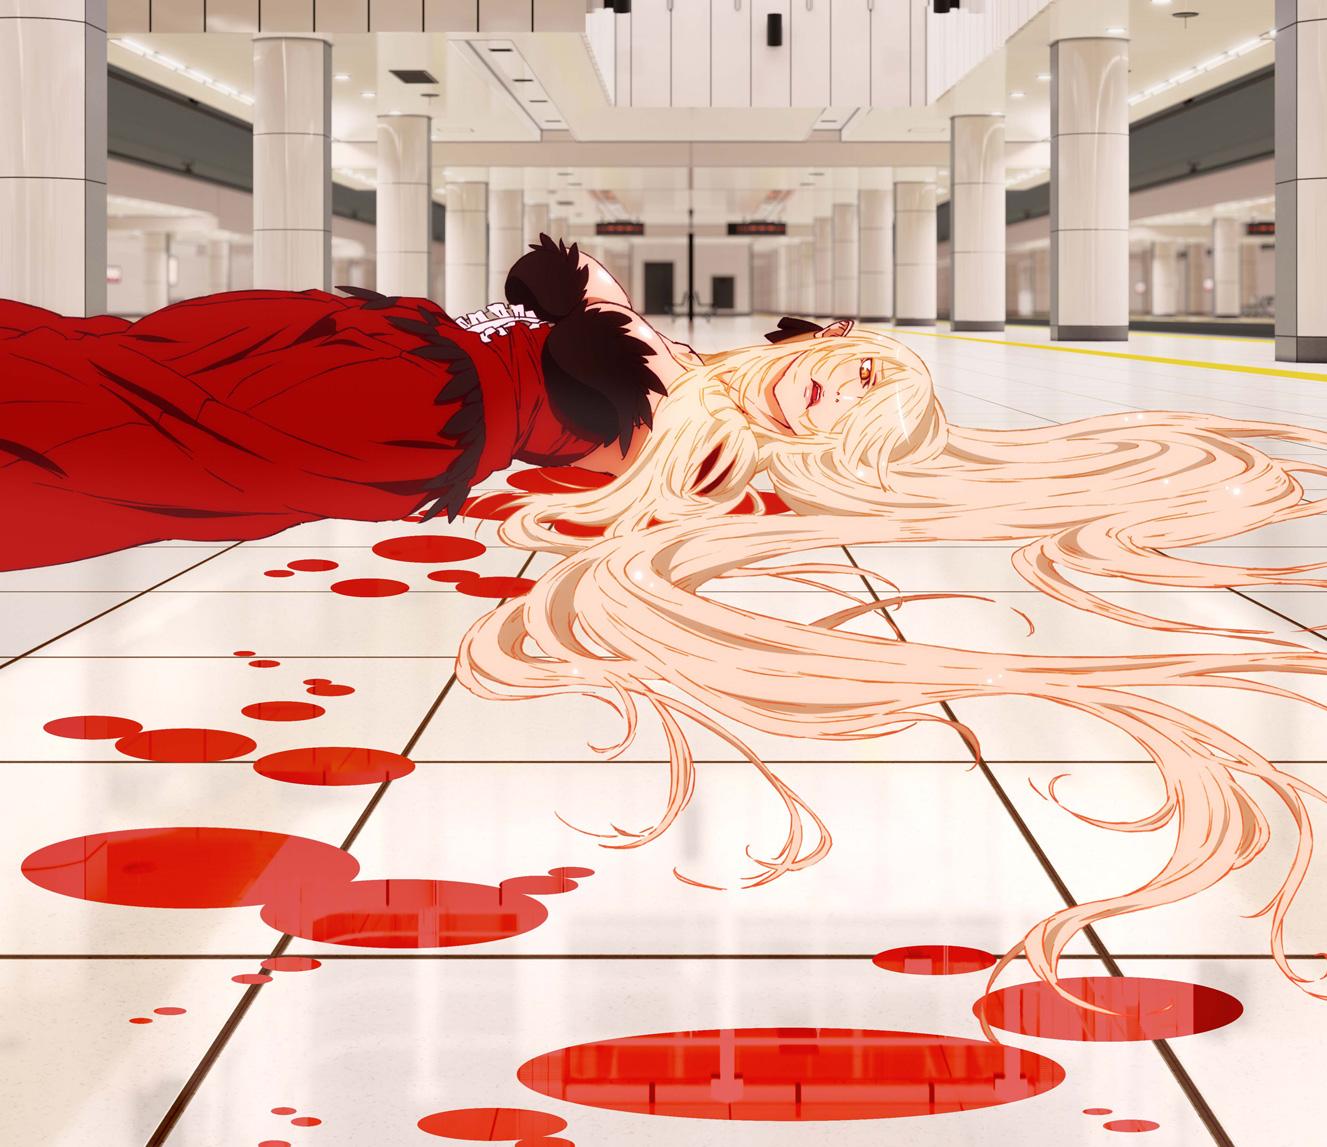 Kizumonogatari kiss shot visual